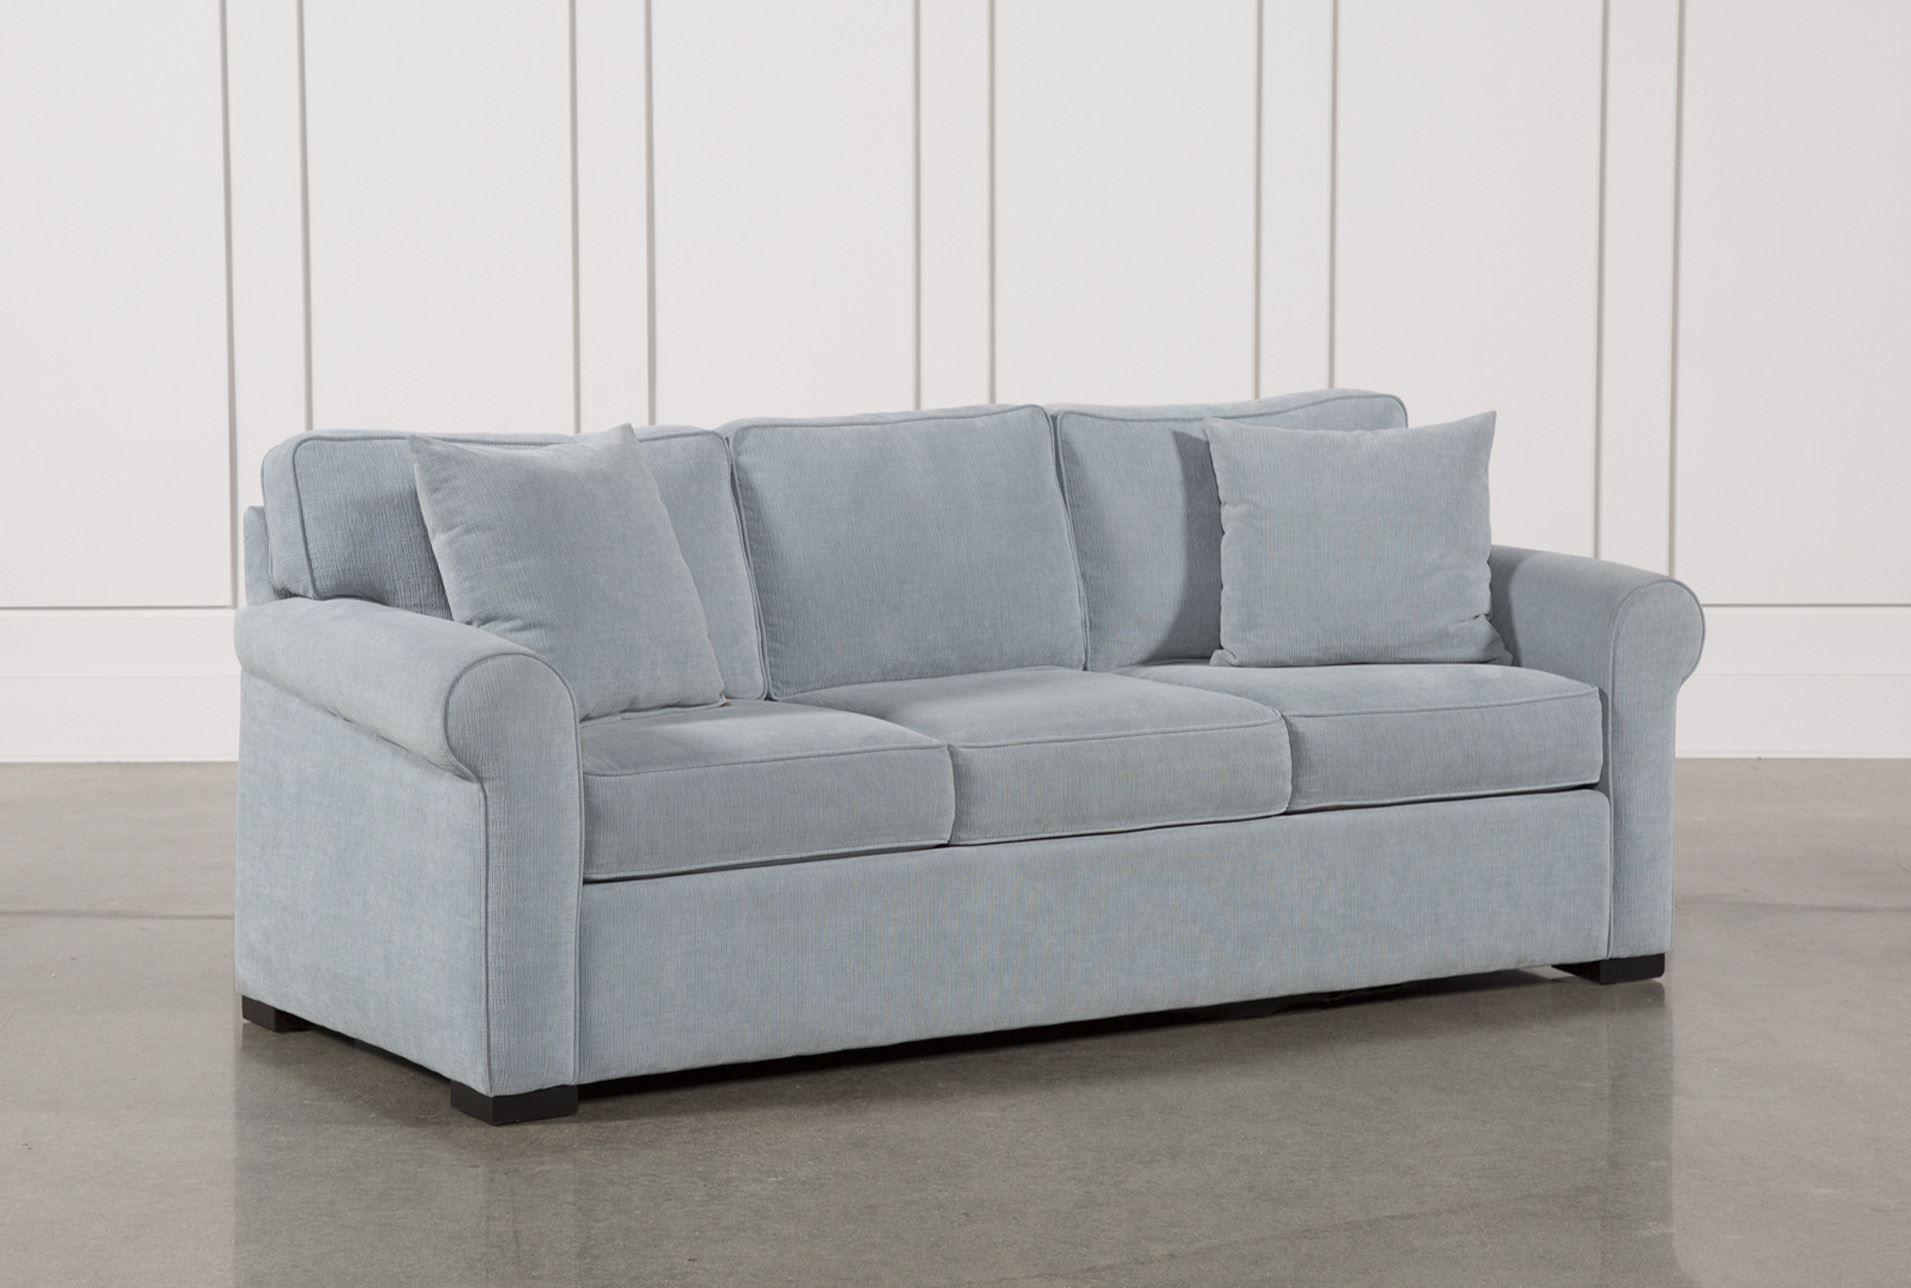 Willow sofa 87w x 37d x 31h sku 89807